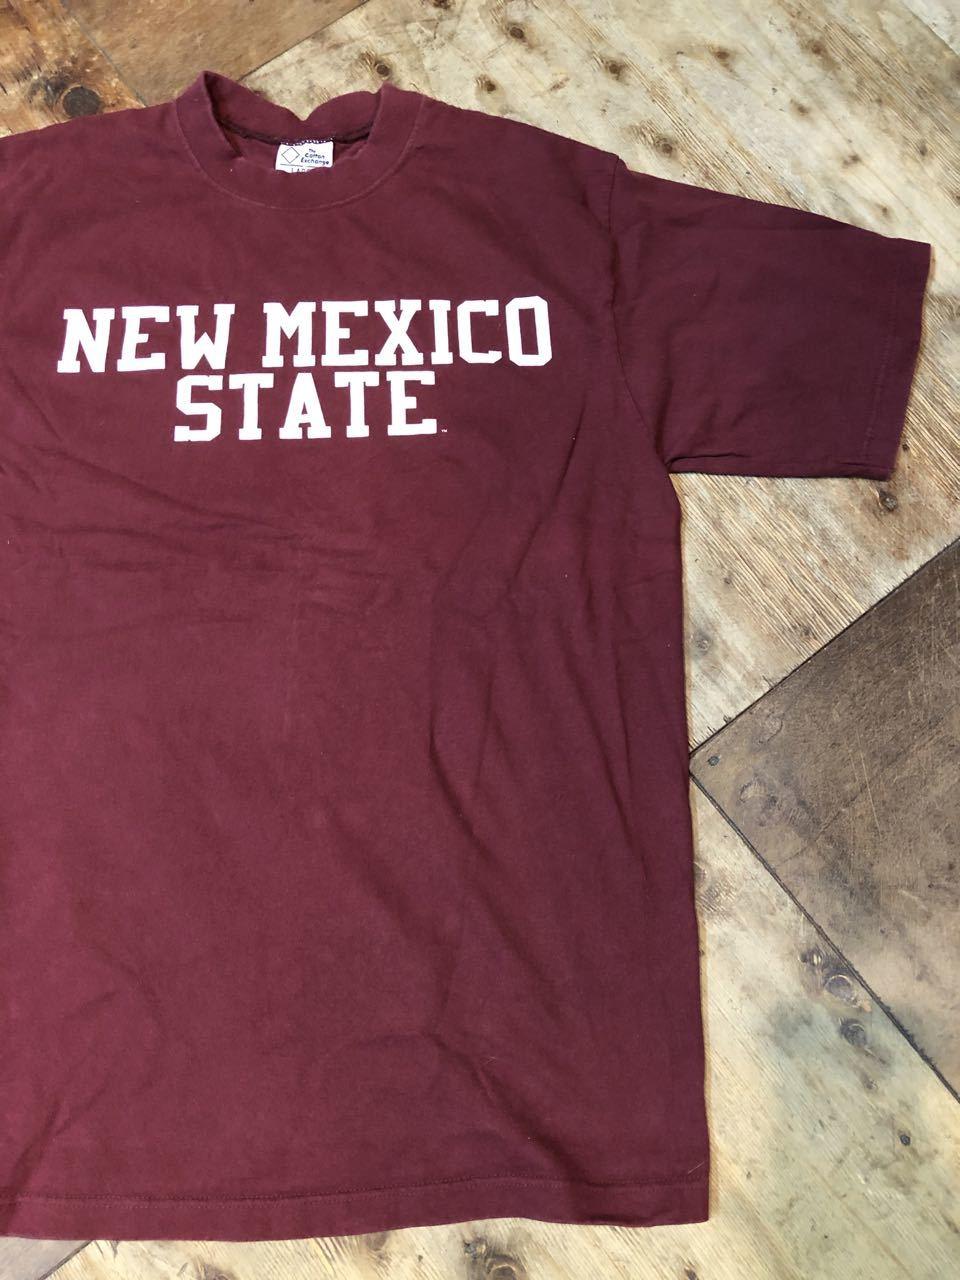 5/30(土)入荷! 90s  The cotton Exchange  NEW MEXICO STATE all cotton  Tシャツ!Made in U.S.A!_c0144020_13571236.jpg